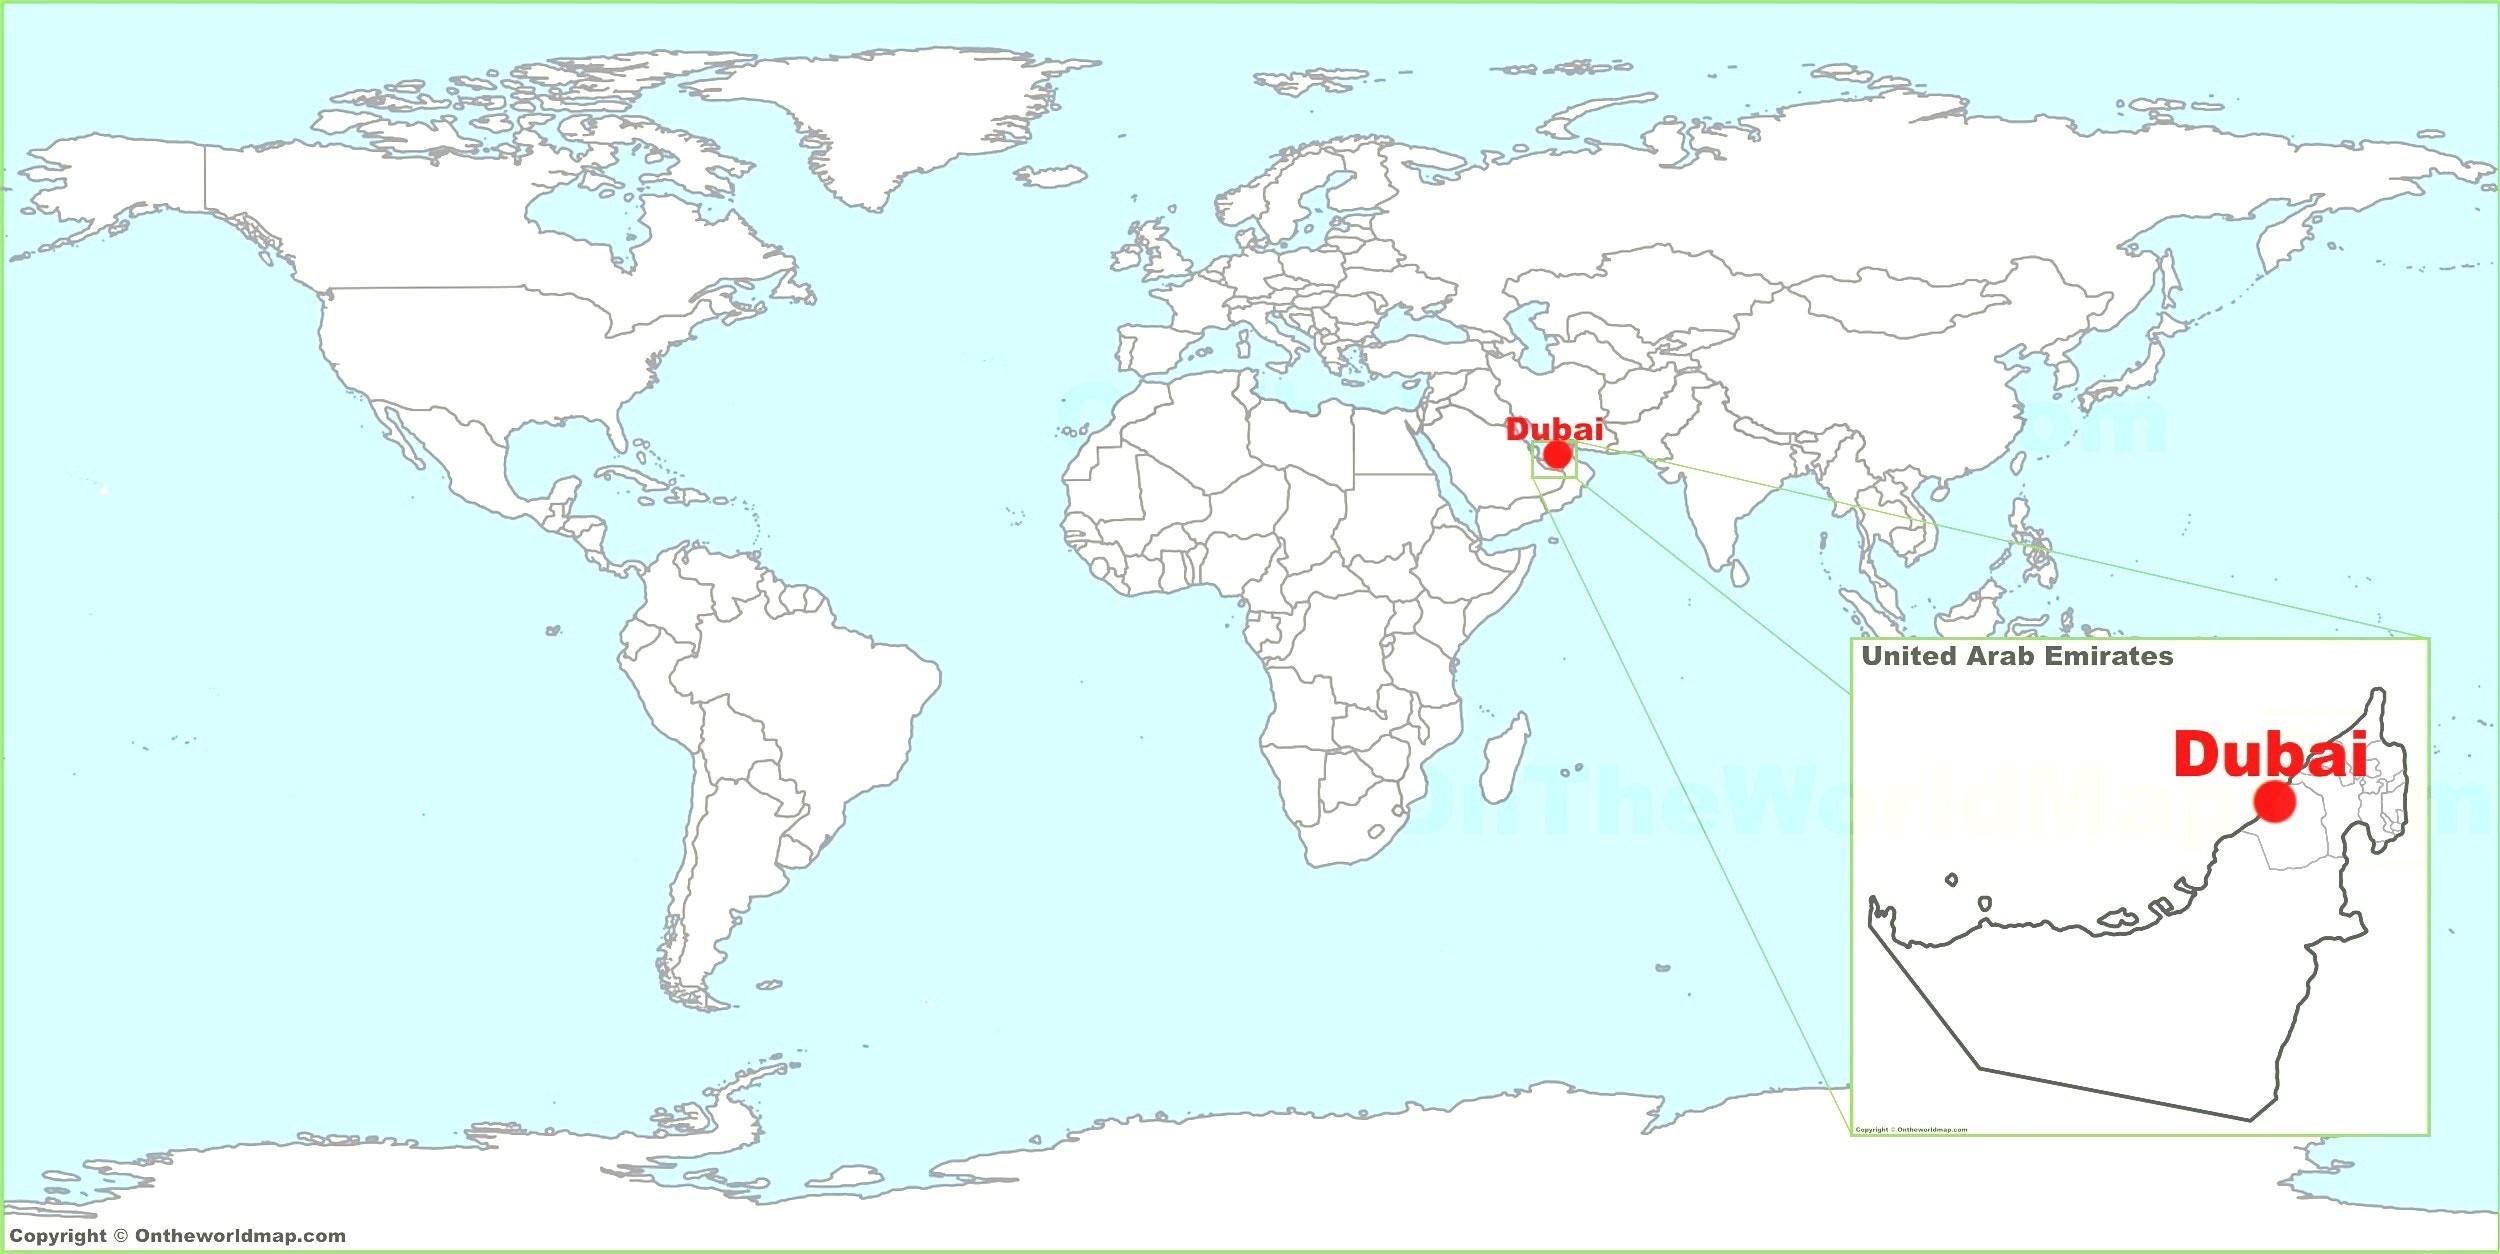 الامارات العربية المتحدة الخريطة